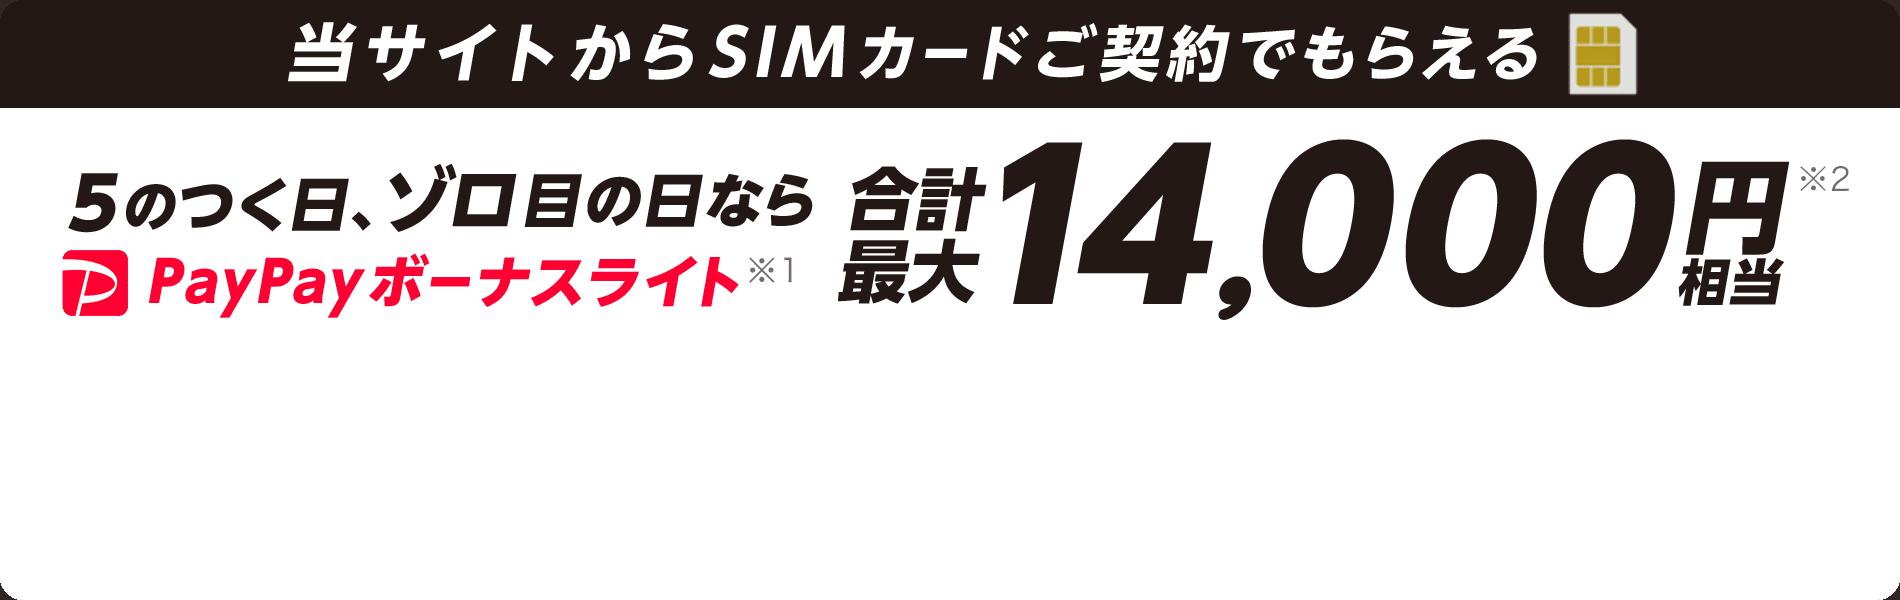 当サイトからSIMカードご契約でもらえる 5のつく日(5日、15日、25日)、ゾロ目の日(11日、22日)なら PayPayボーナスライト※1 合計最大14,000円※2 相当